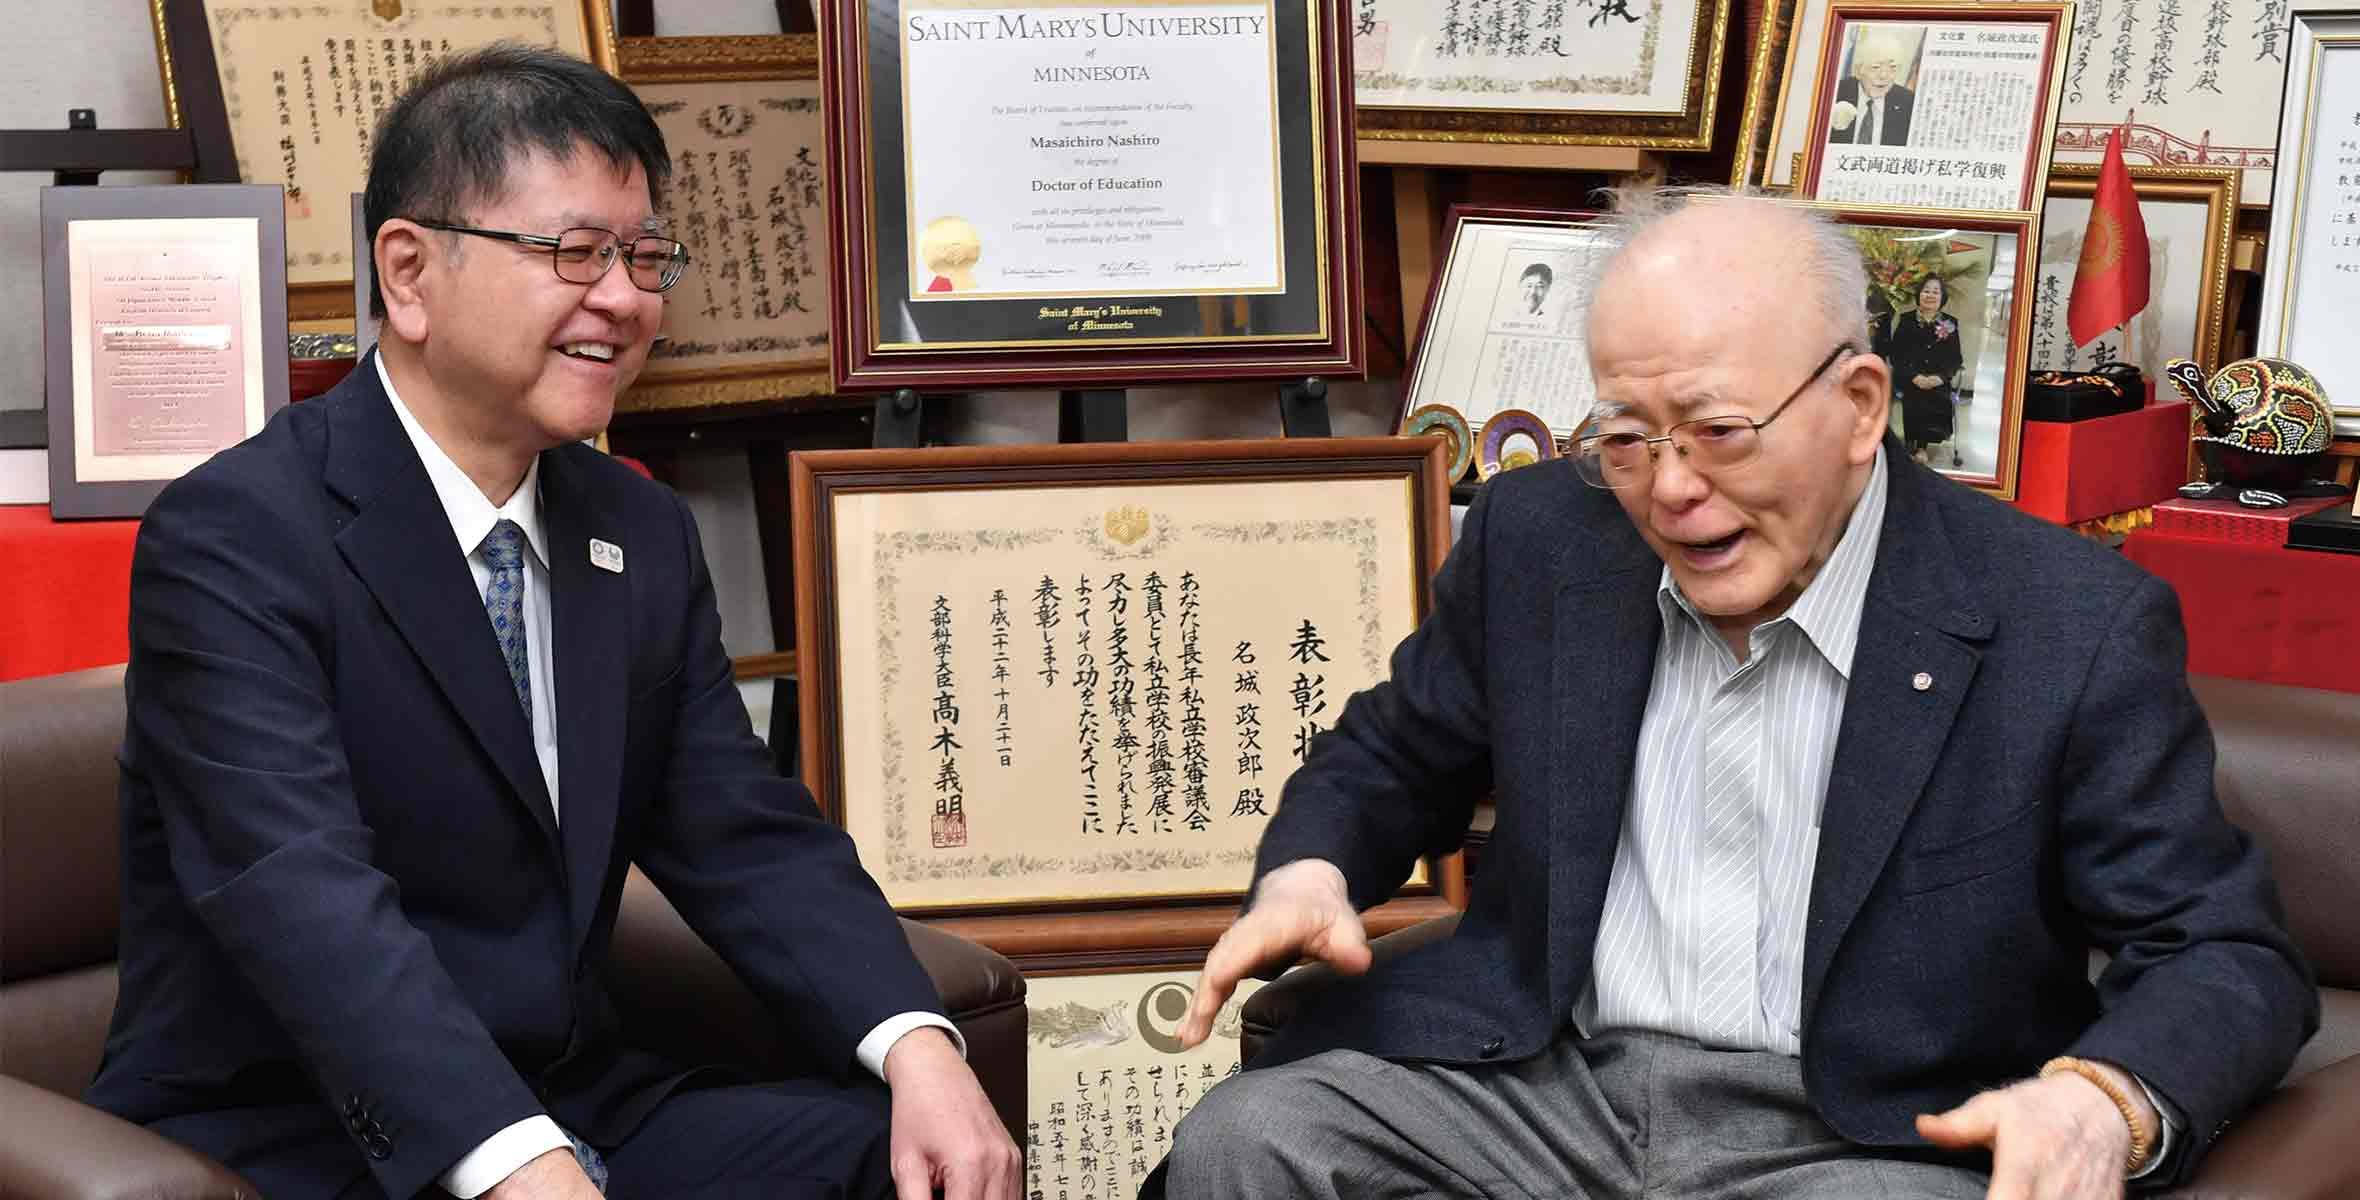 創立35周年を迎え対談する名城政次郎理事長と名城政一郎副理事長